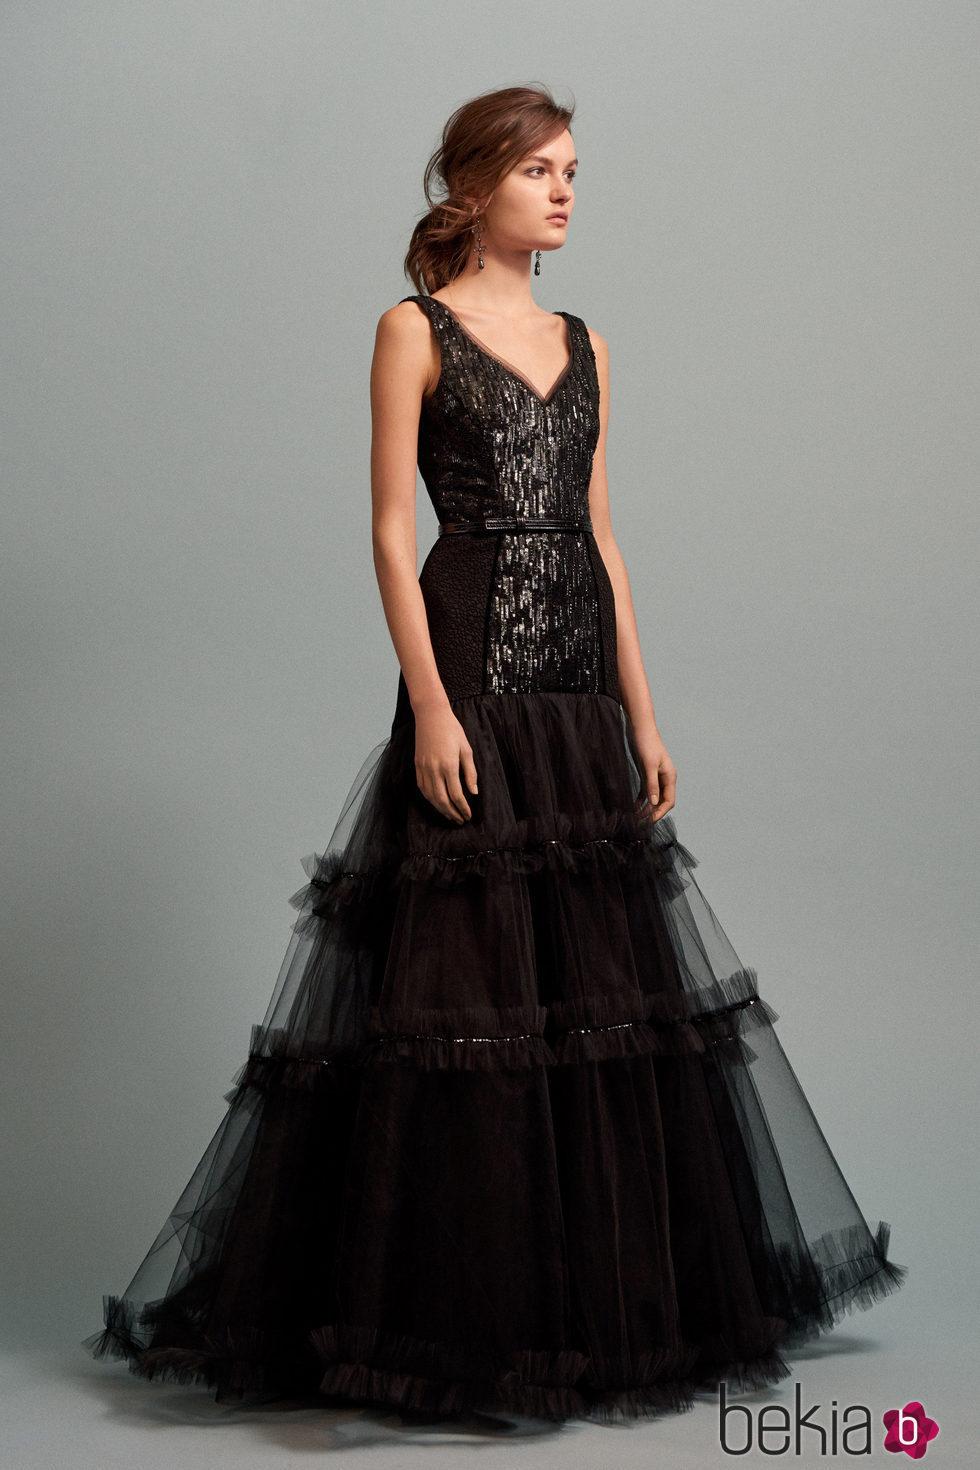 1c49389a7 Anterior Vestido de gala negro con falda con capas de tul de la colección  Pre-Fall